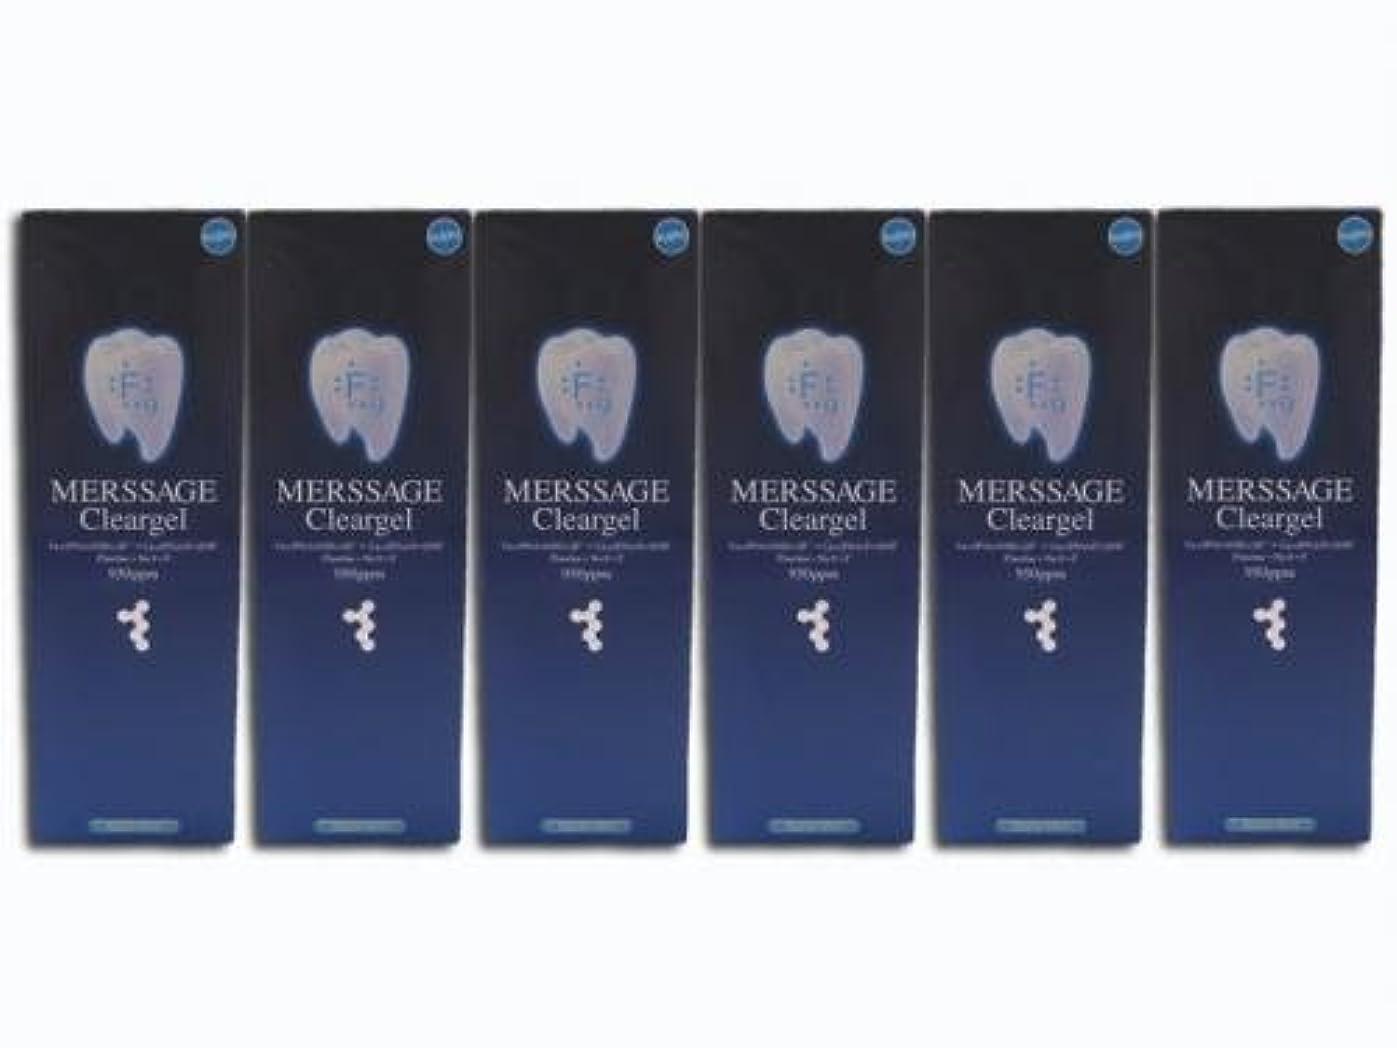 勝利した不毛の火曜日就寝前のスペシャルケア メルサージュ クリアジェル(MERSSAGE Cleargel) 60g 6箱セット